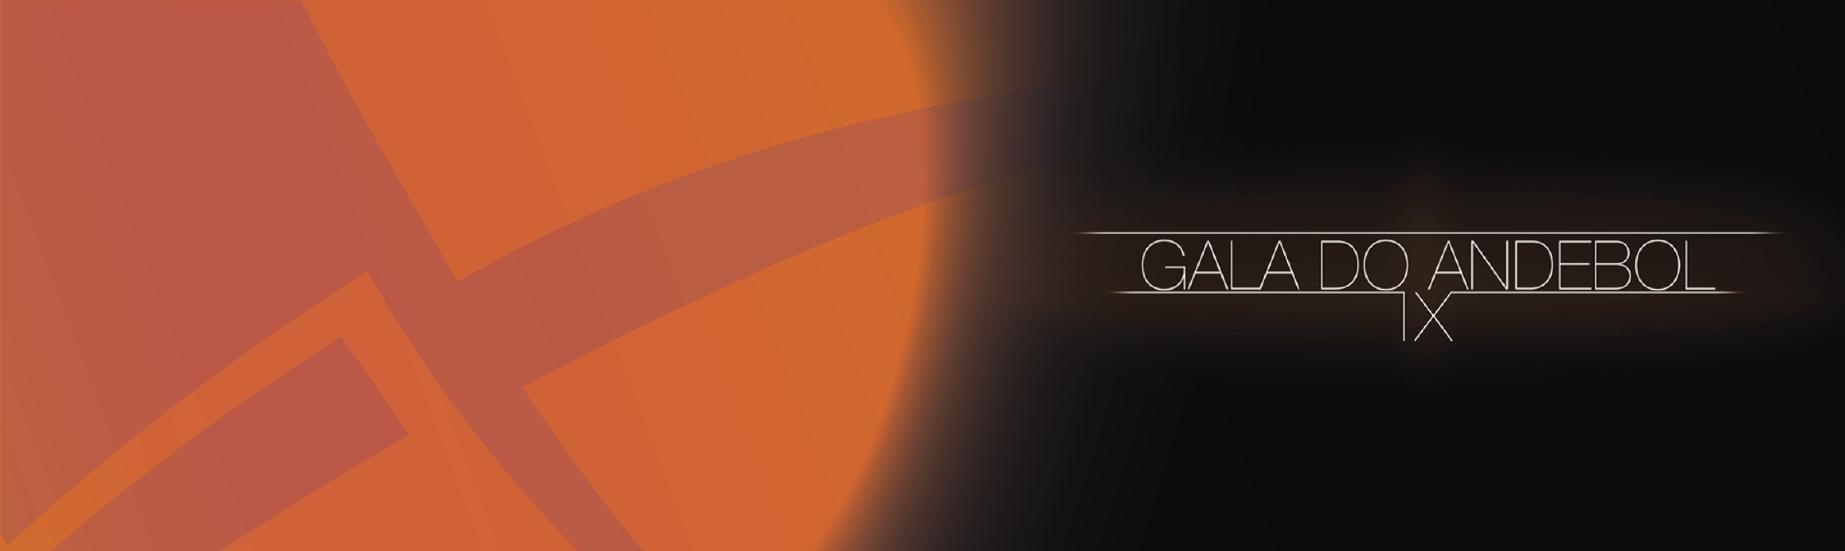 IX Gala do Andebol - Lamego - 24 de agosto